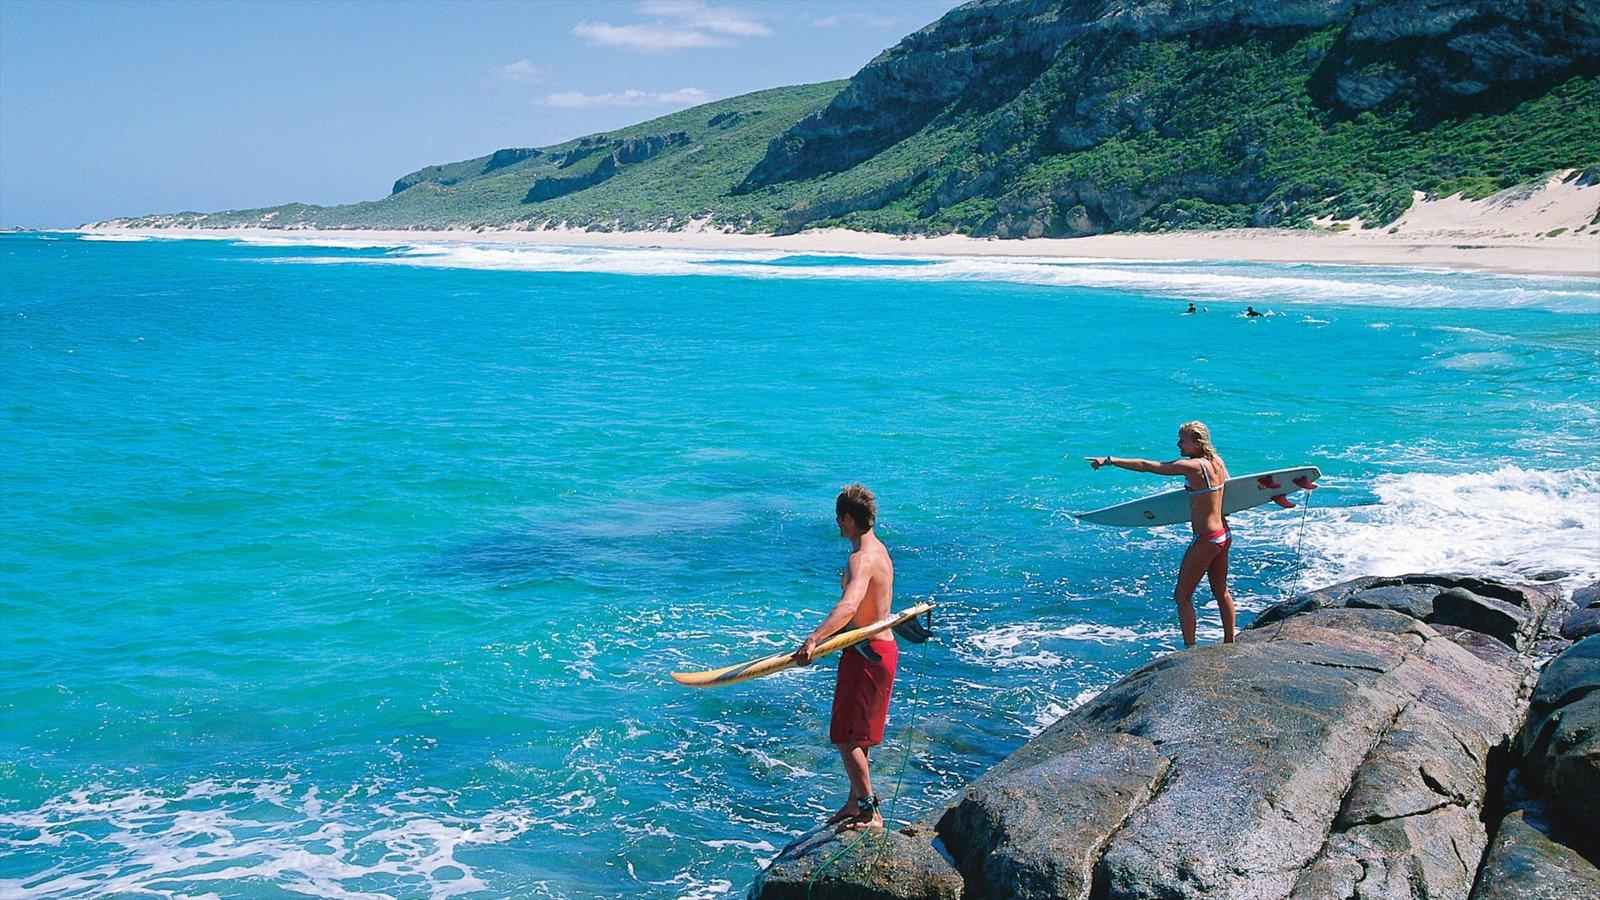 Margaret River Wine Region featuring rocky coastline, surfing and landscape views